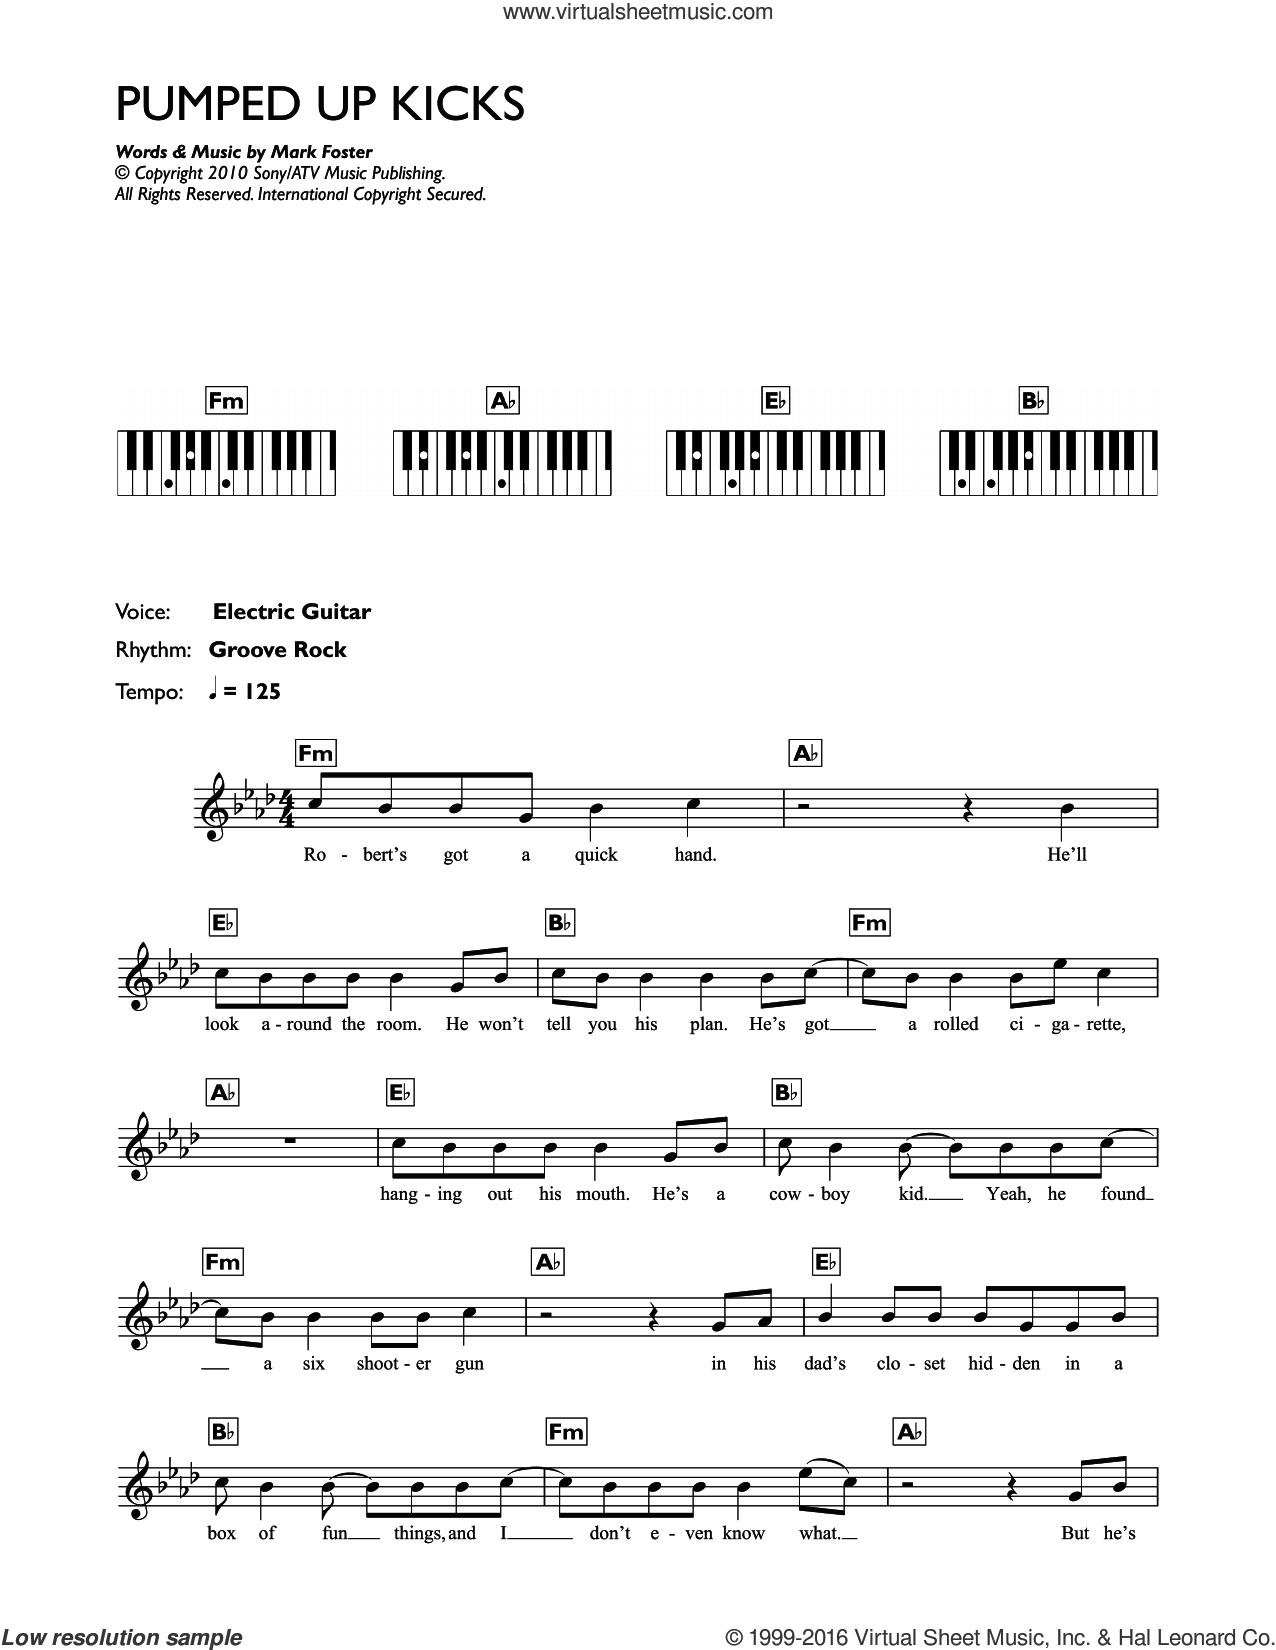 Pumped Up Kicks Chords People Pumped Up Kicks Sheet Music For Piano Solo Chords Lyrics Melody